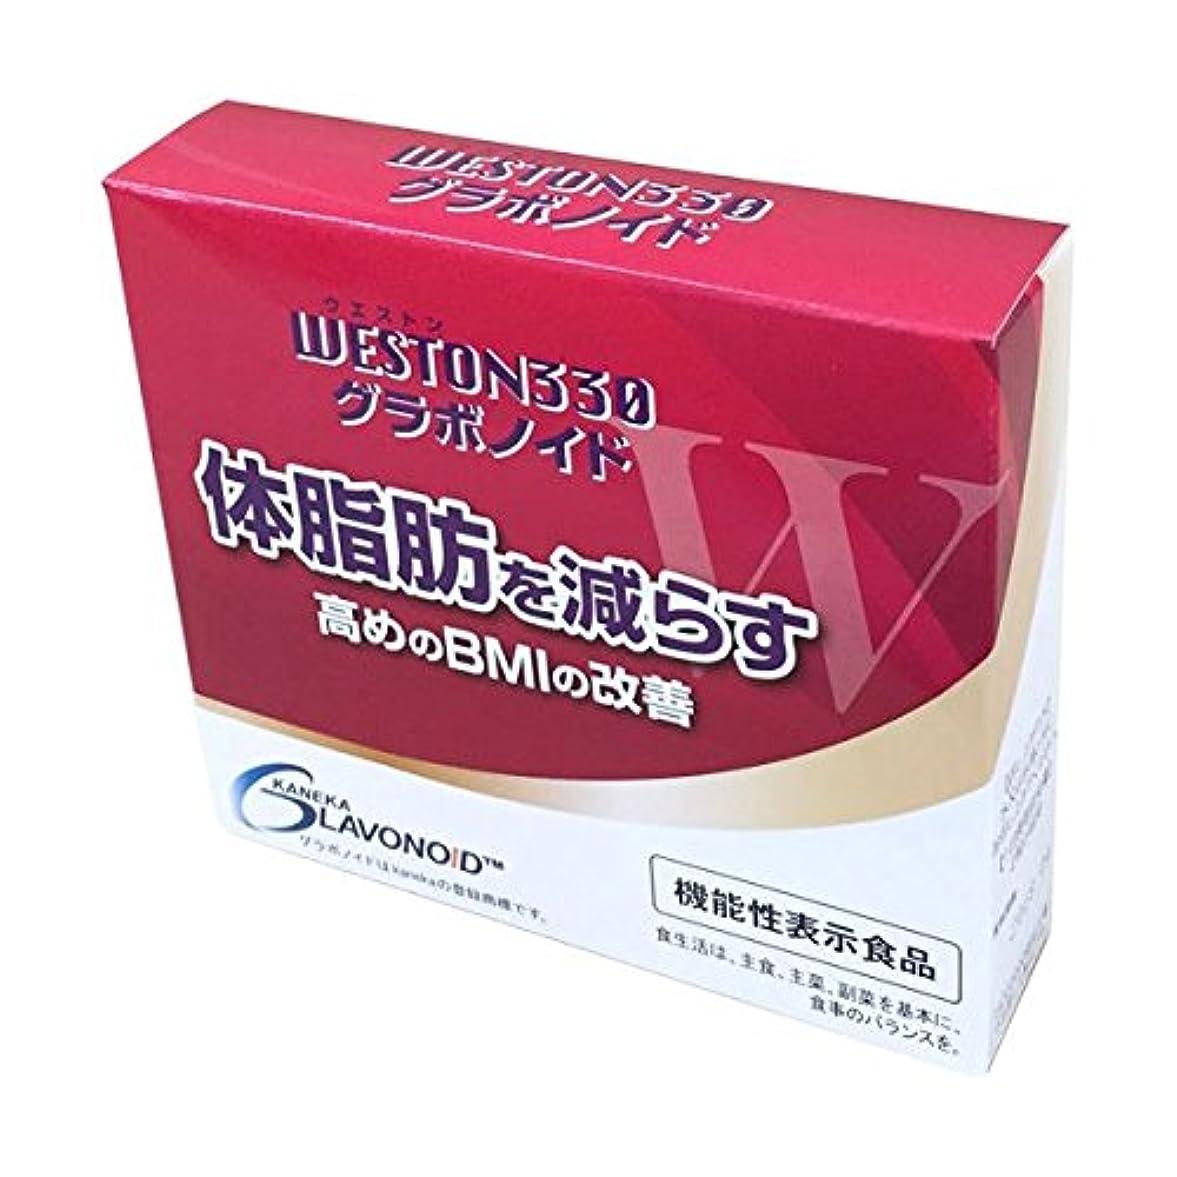 ジュニアフォルダカーペットリマックスジャパン WESTON330 60粒 (30日分) x2箱 [機能性表示食品]